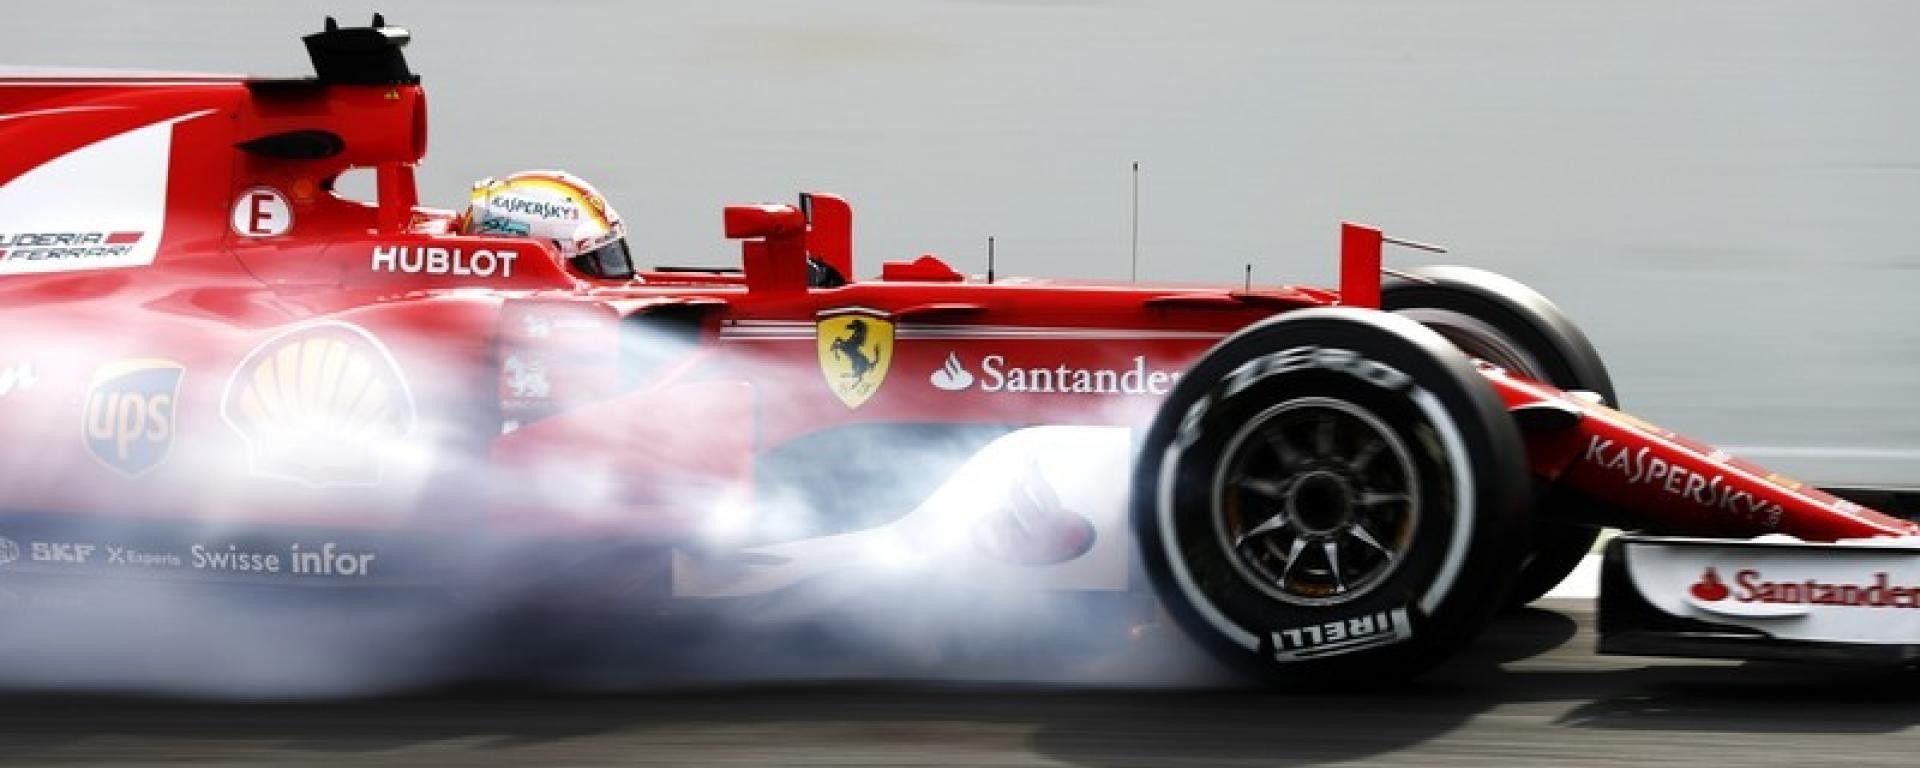 Formula 1 2018 Brembo